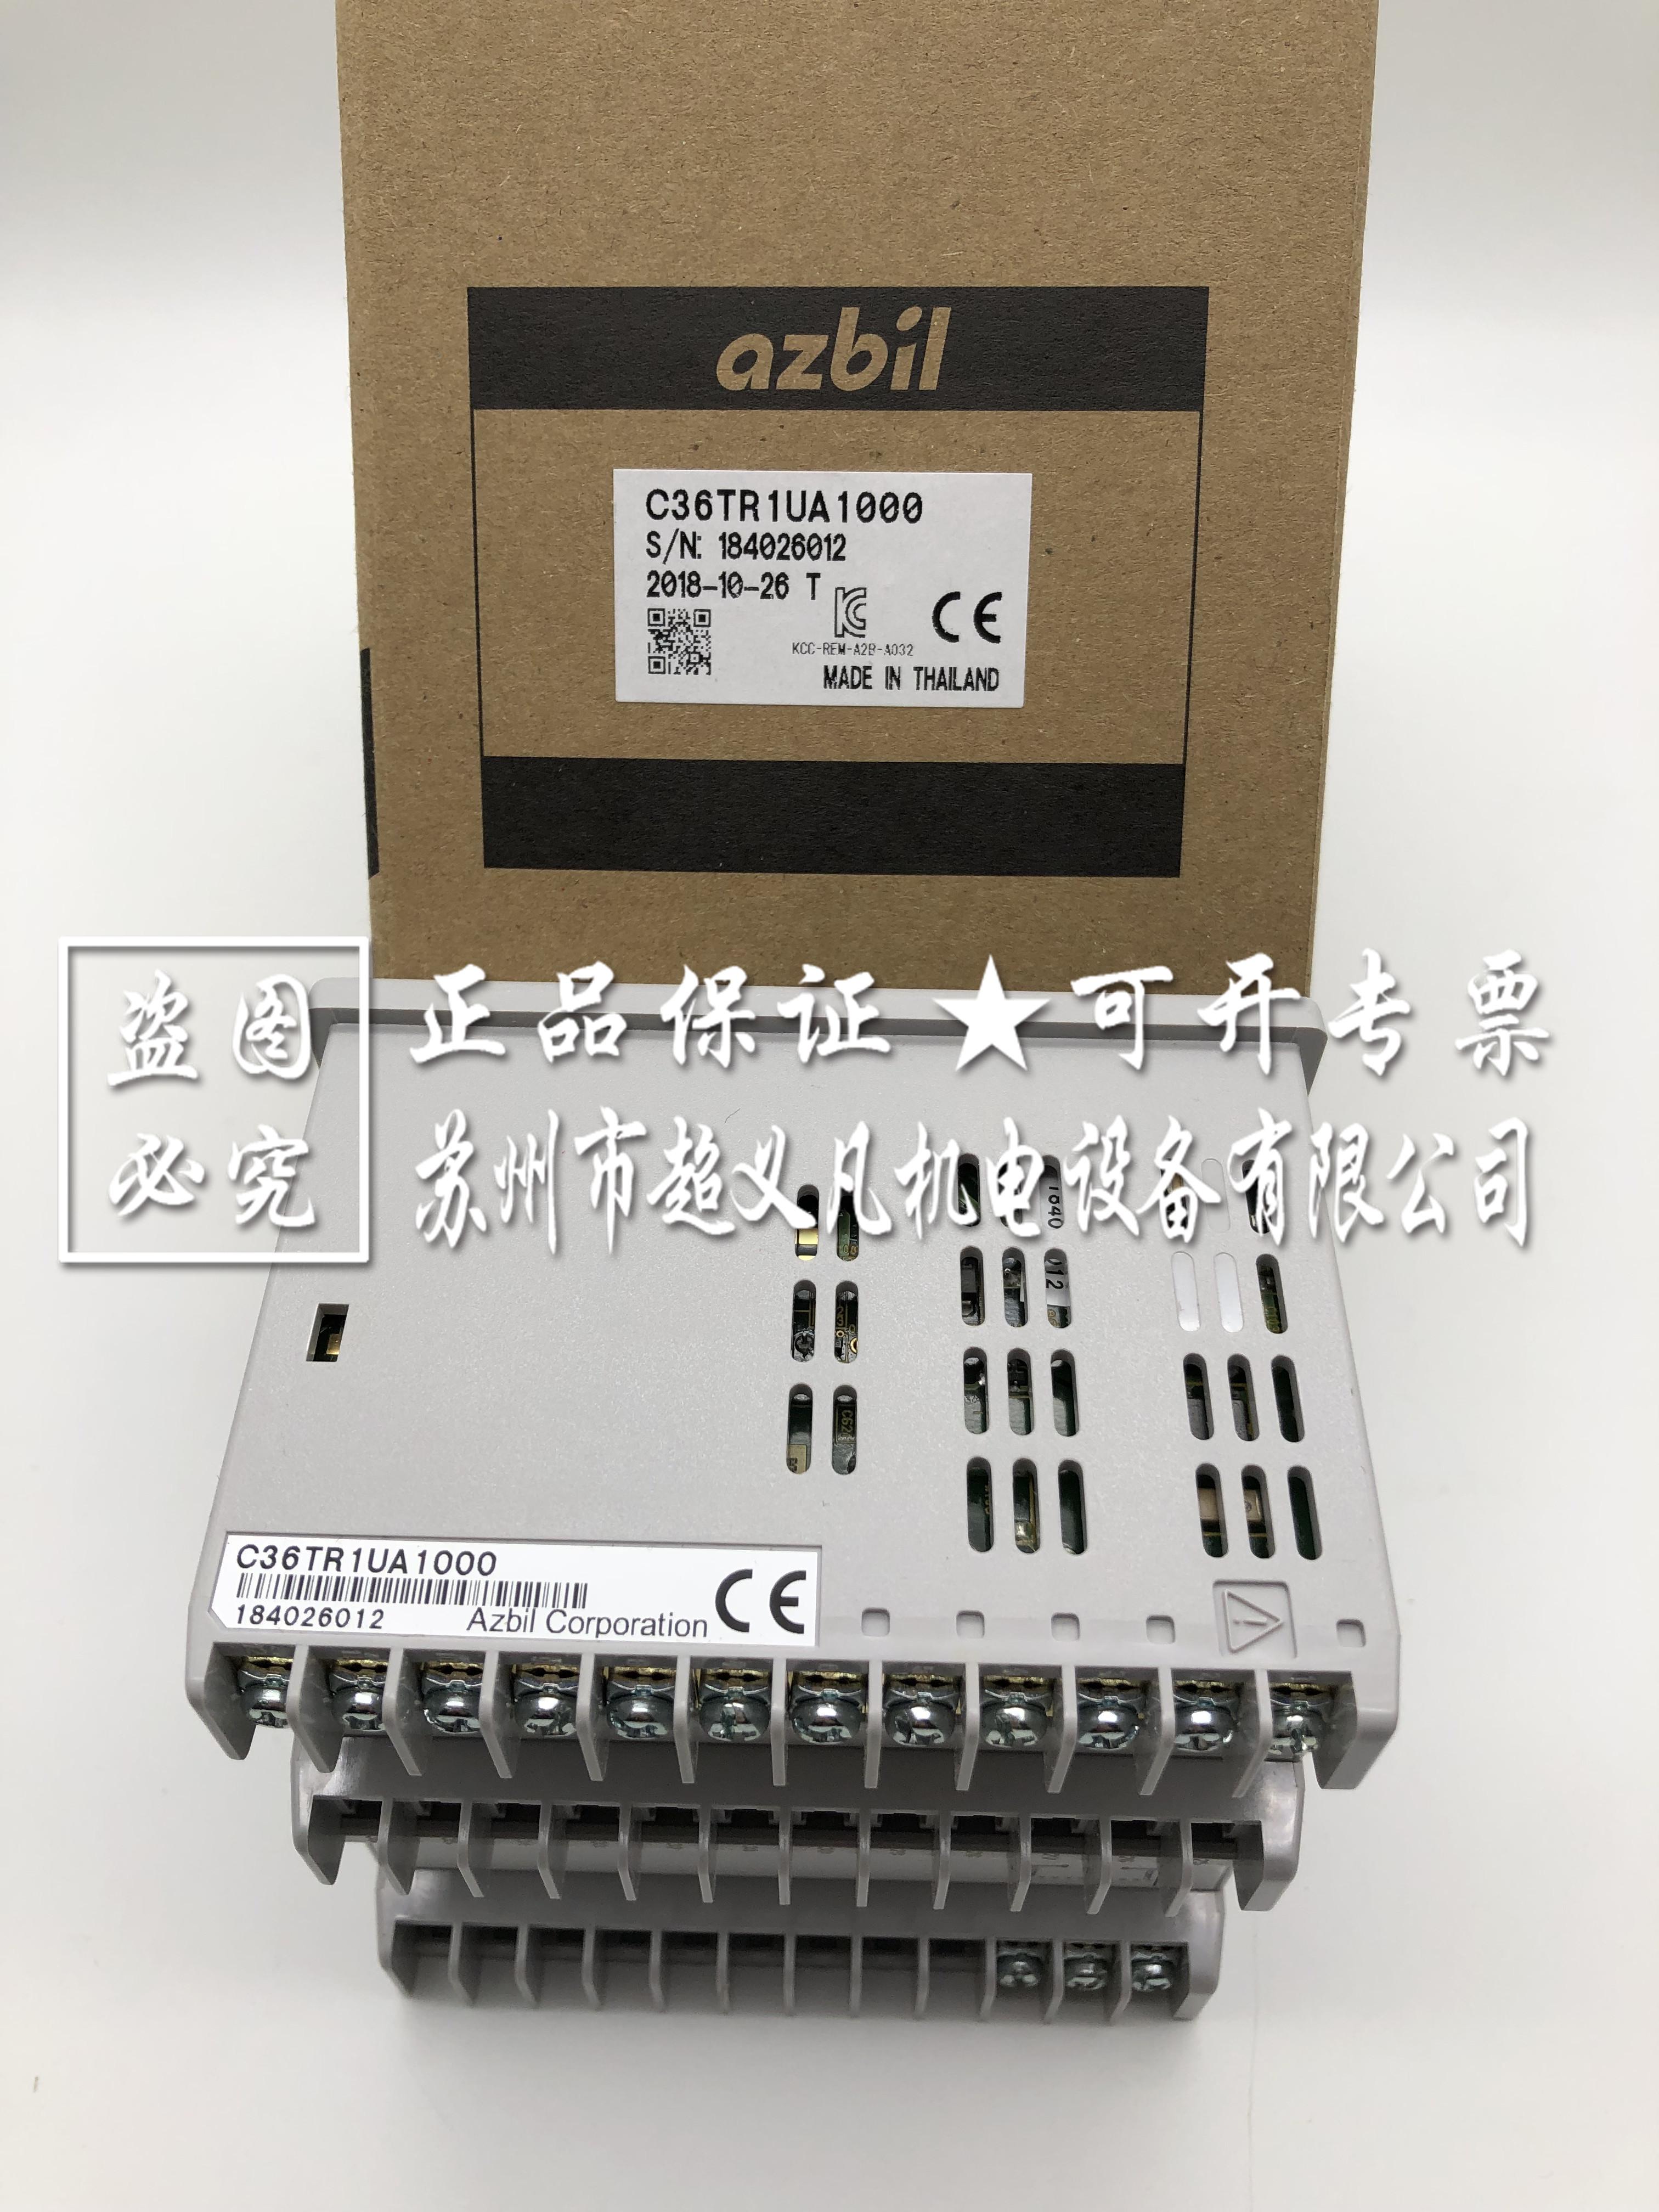 全新原装日本山武AZBIL温控器C36TR1UA1000